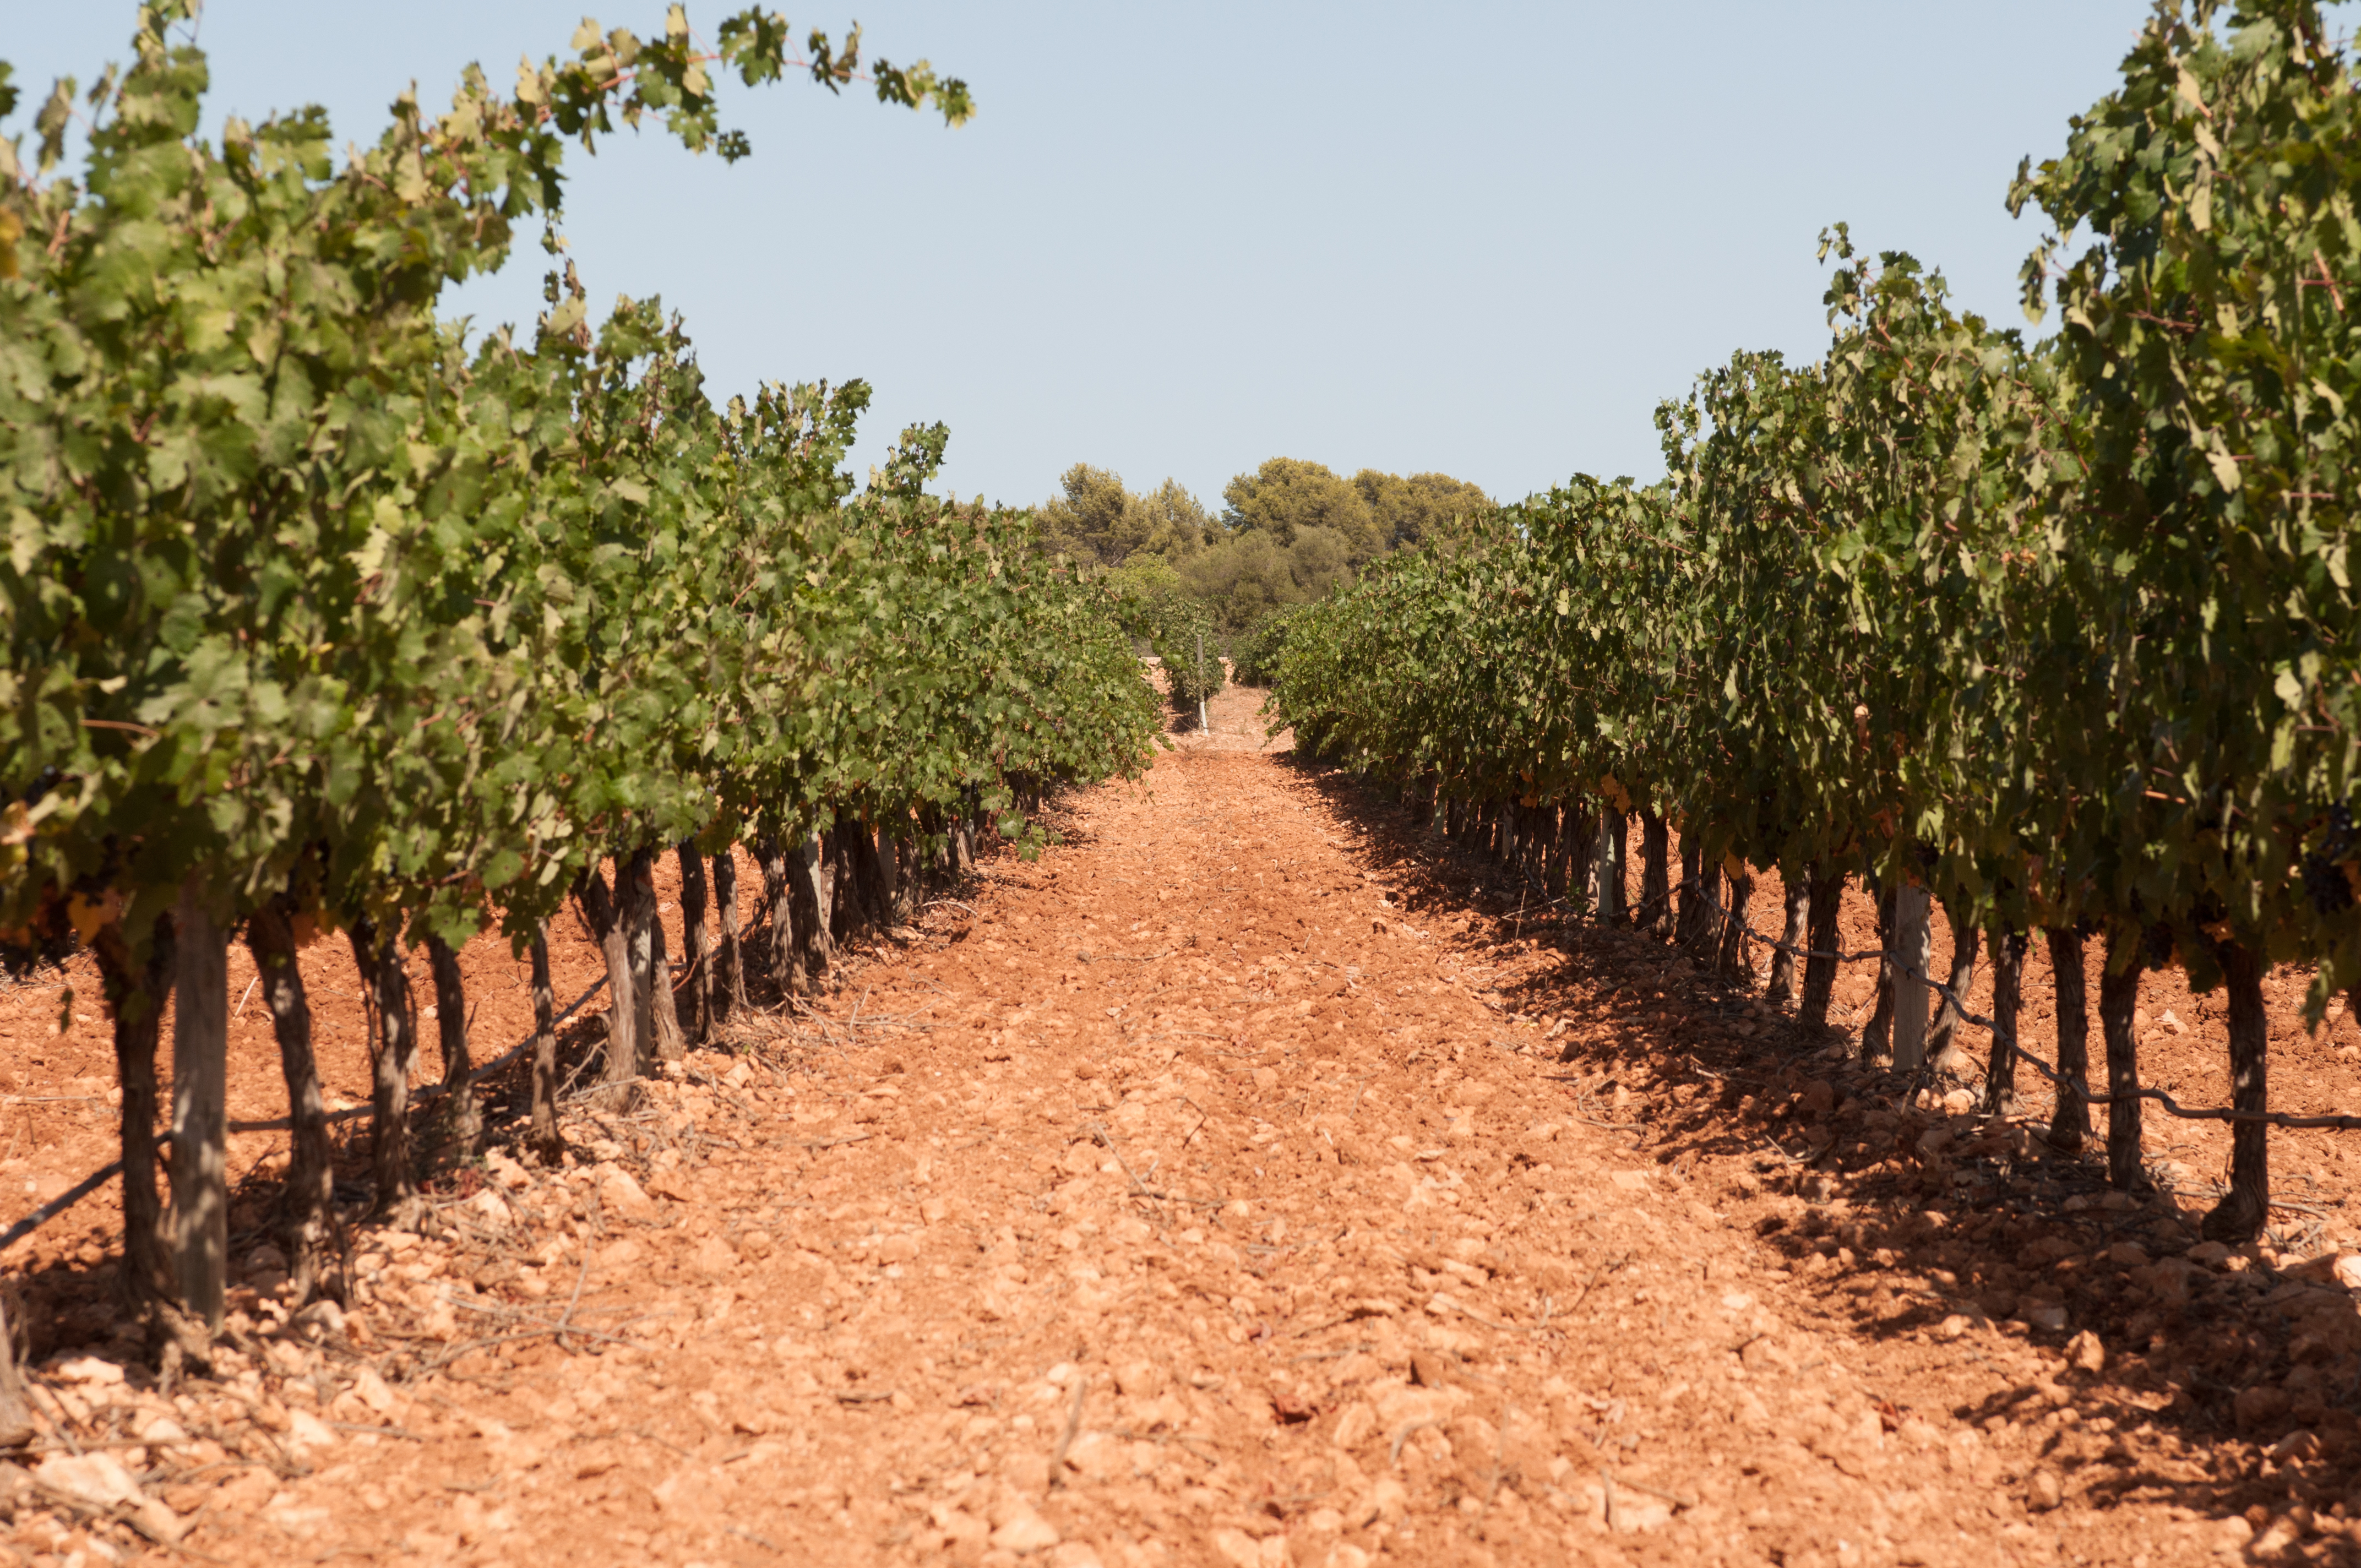 Camino entre dos hileras de viñas donde se aprecia la tierra caliza con tono rojiza.